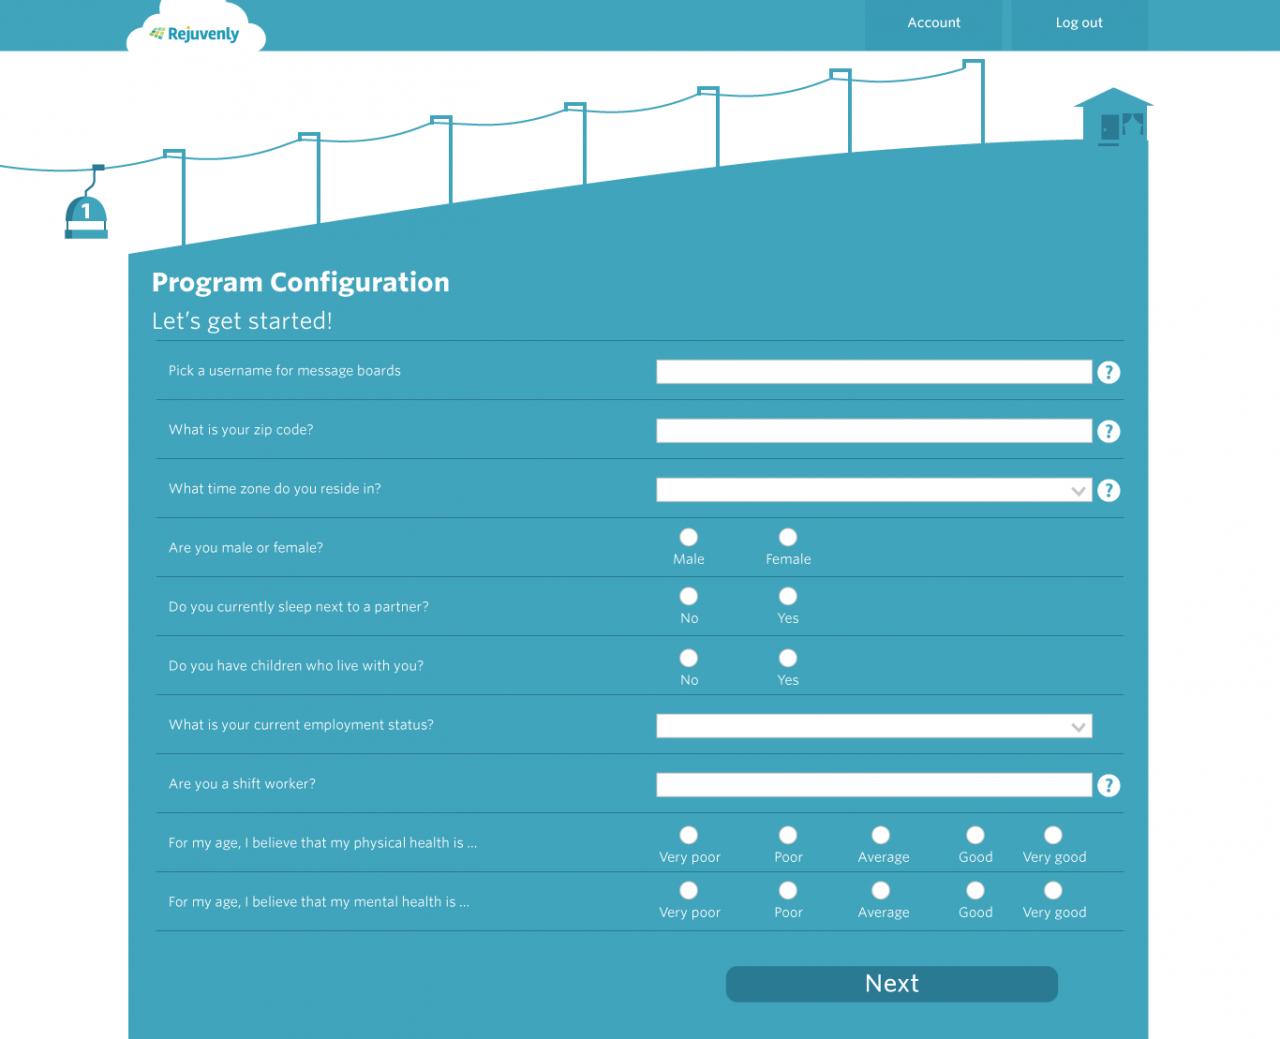 RJ_web_questionnaire1